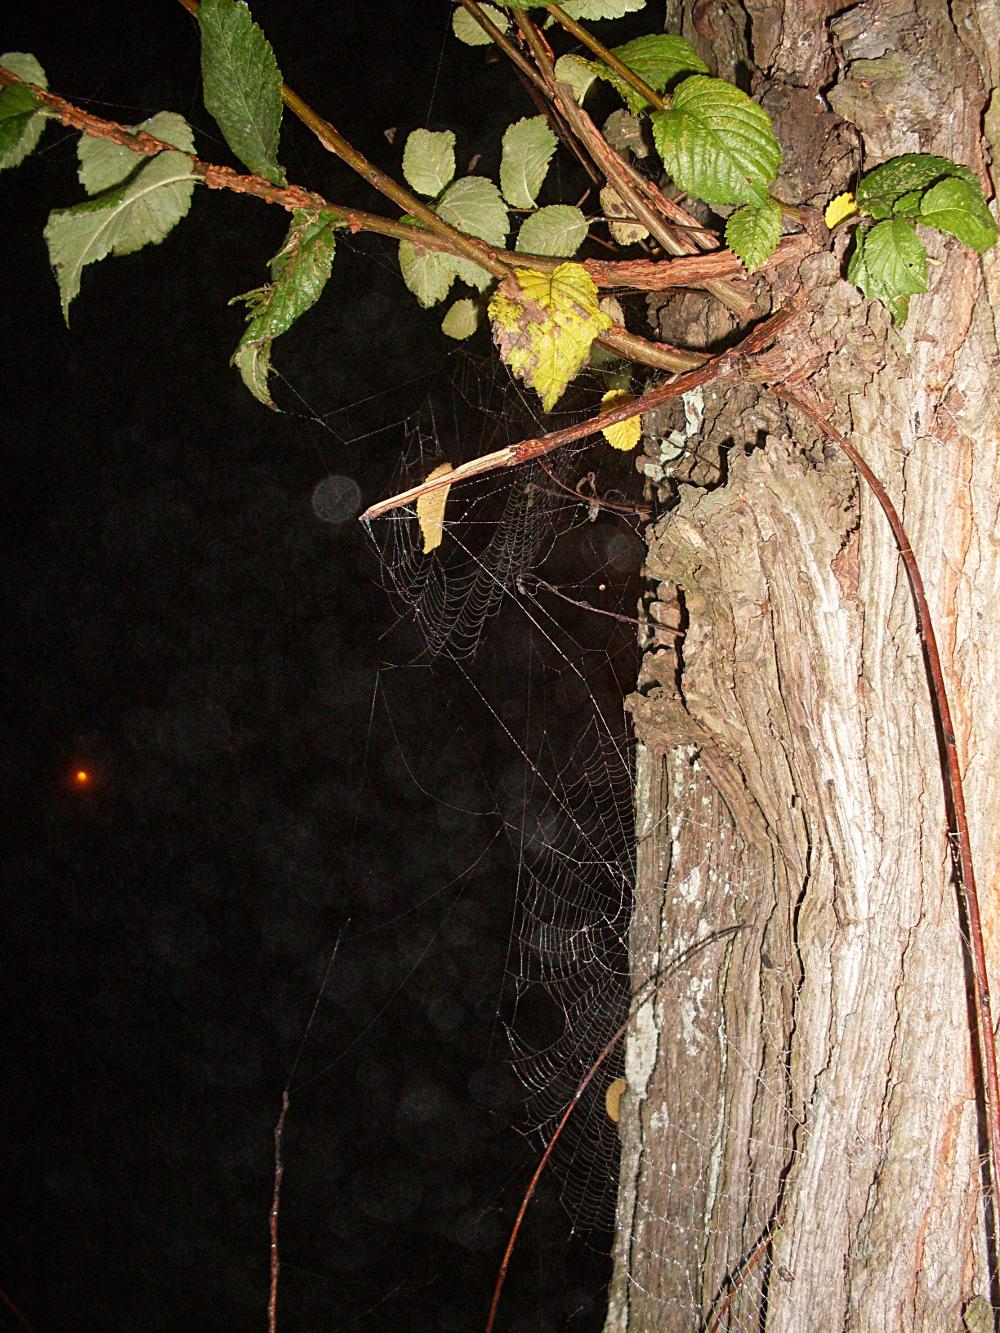 spider webs glowing in the fog sqwabb. Black Bedroom Furniture Sets. Home Design Ideas